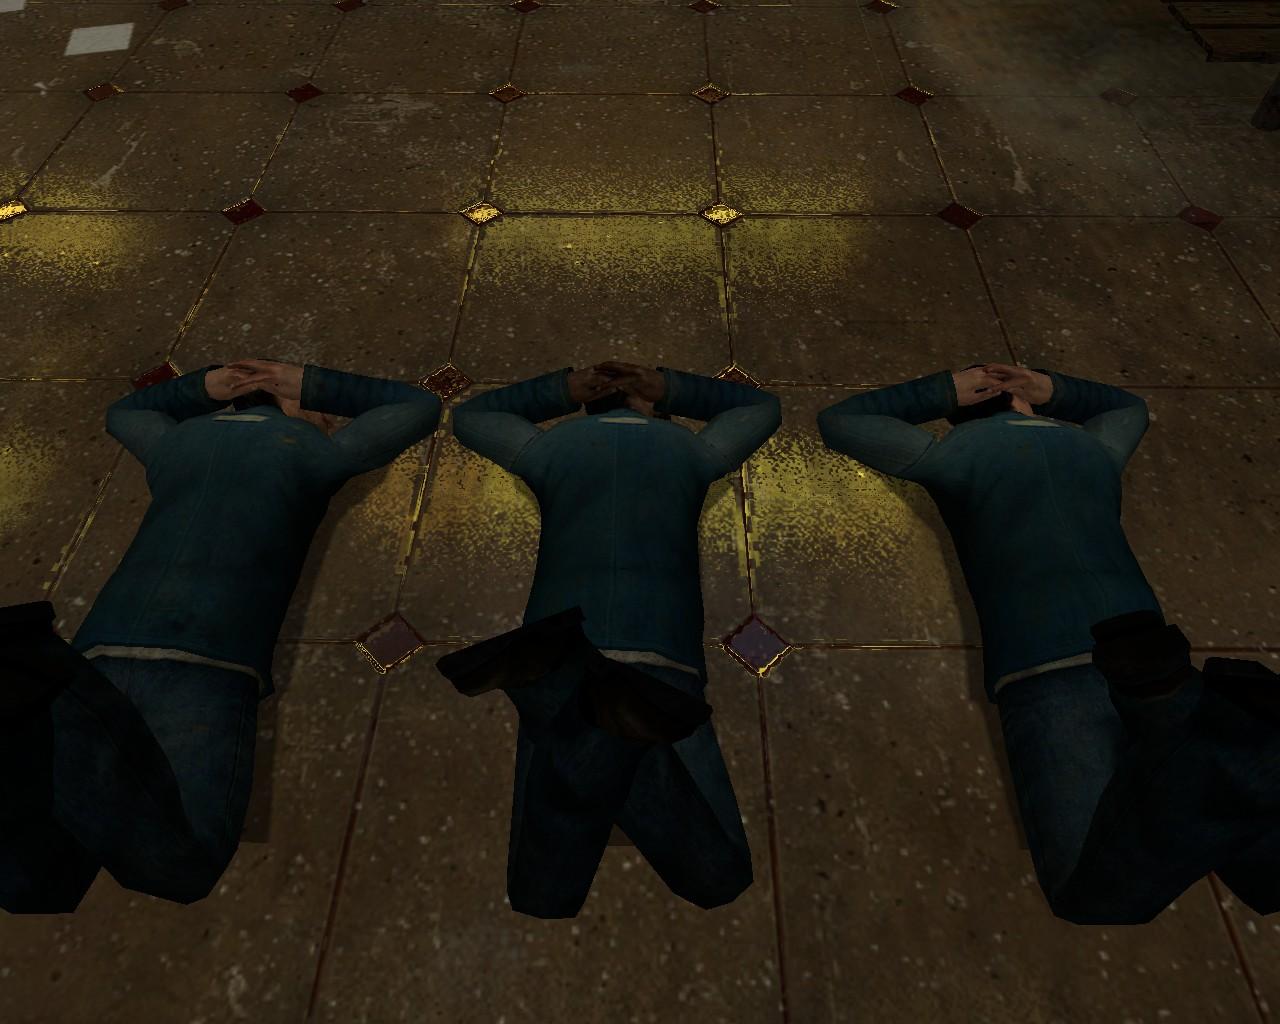 d1_trainstation_010004.jpg - Half-Life 2